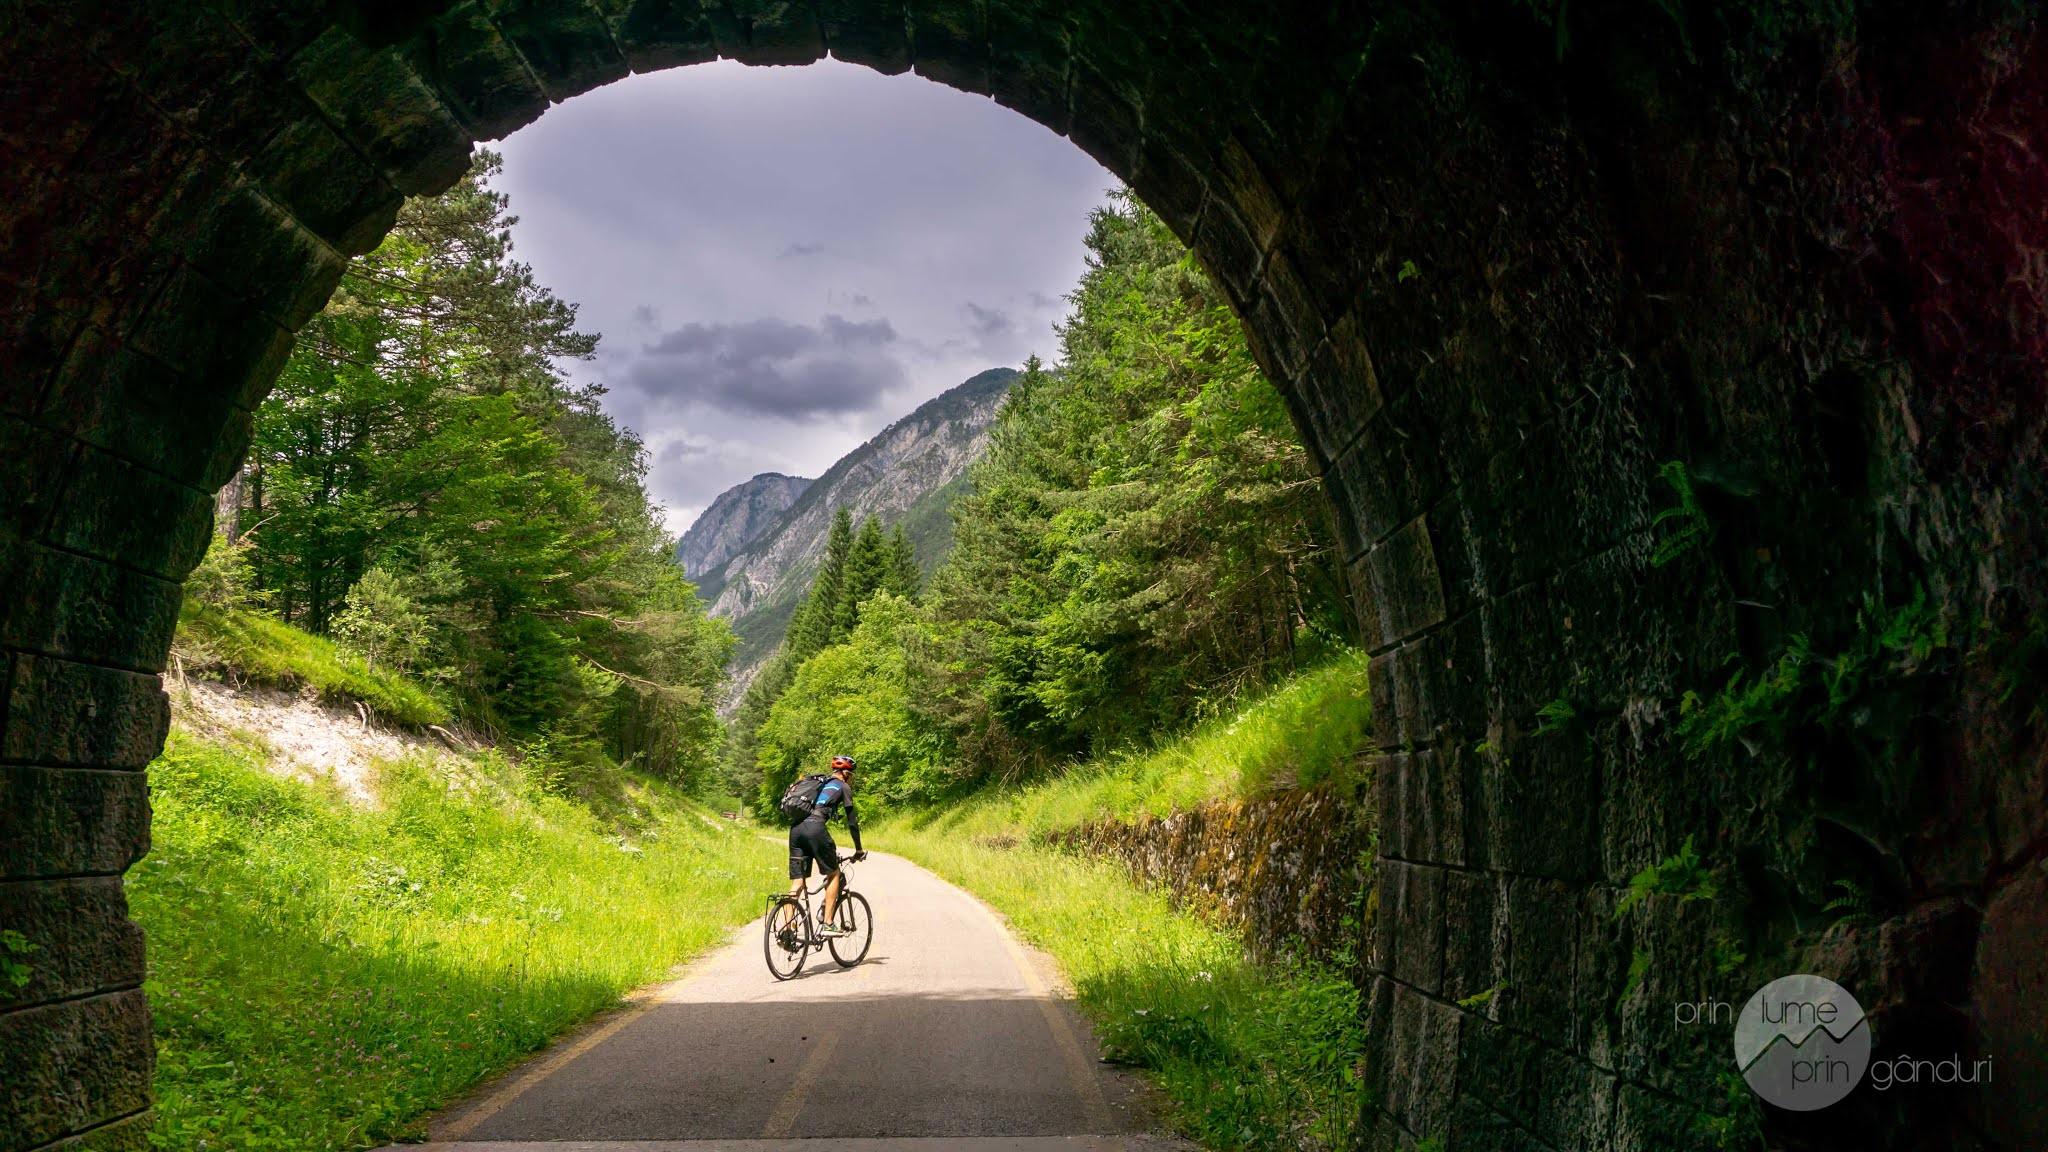 italia-dogna-cycling-18.jpg